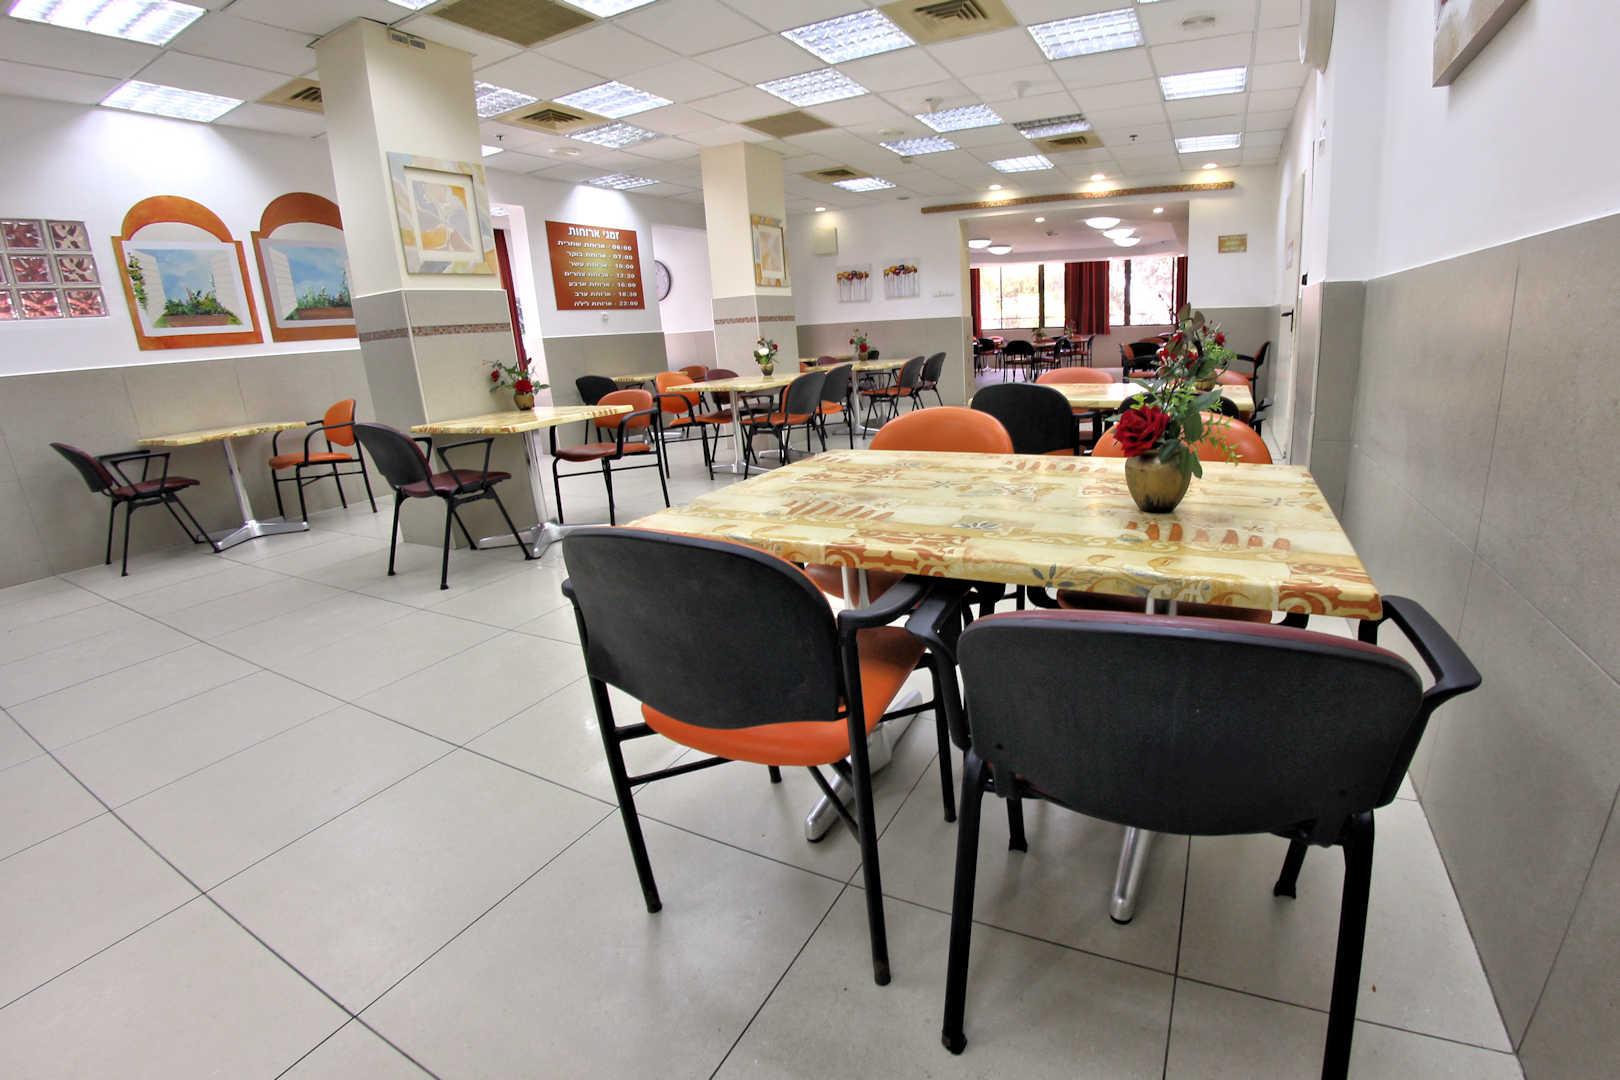 בית הורים בן יהודה בחיפה חדר אוכל